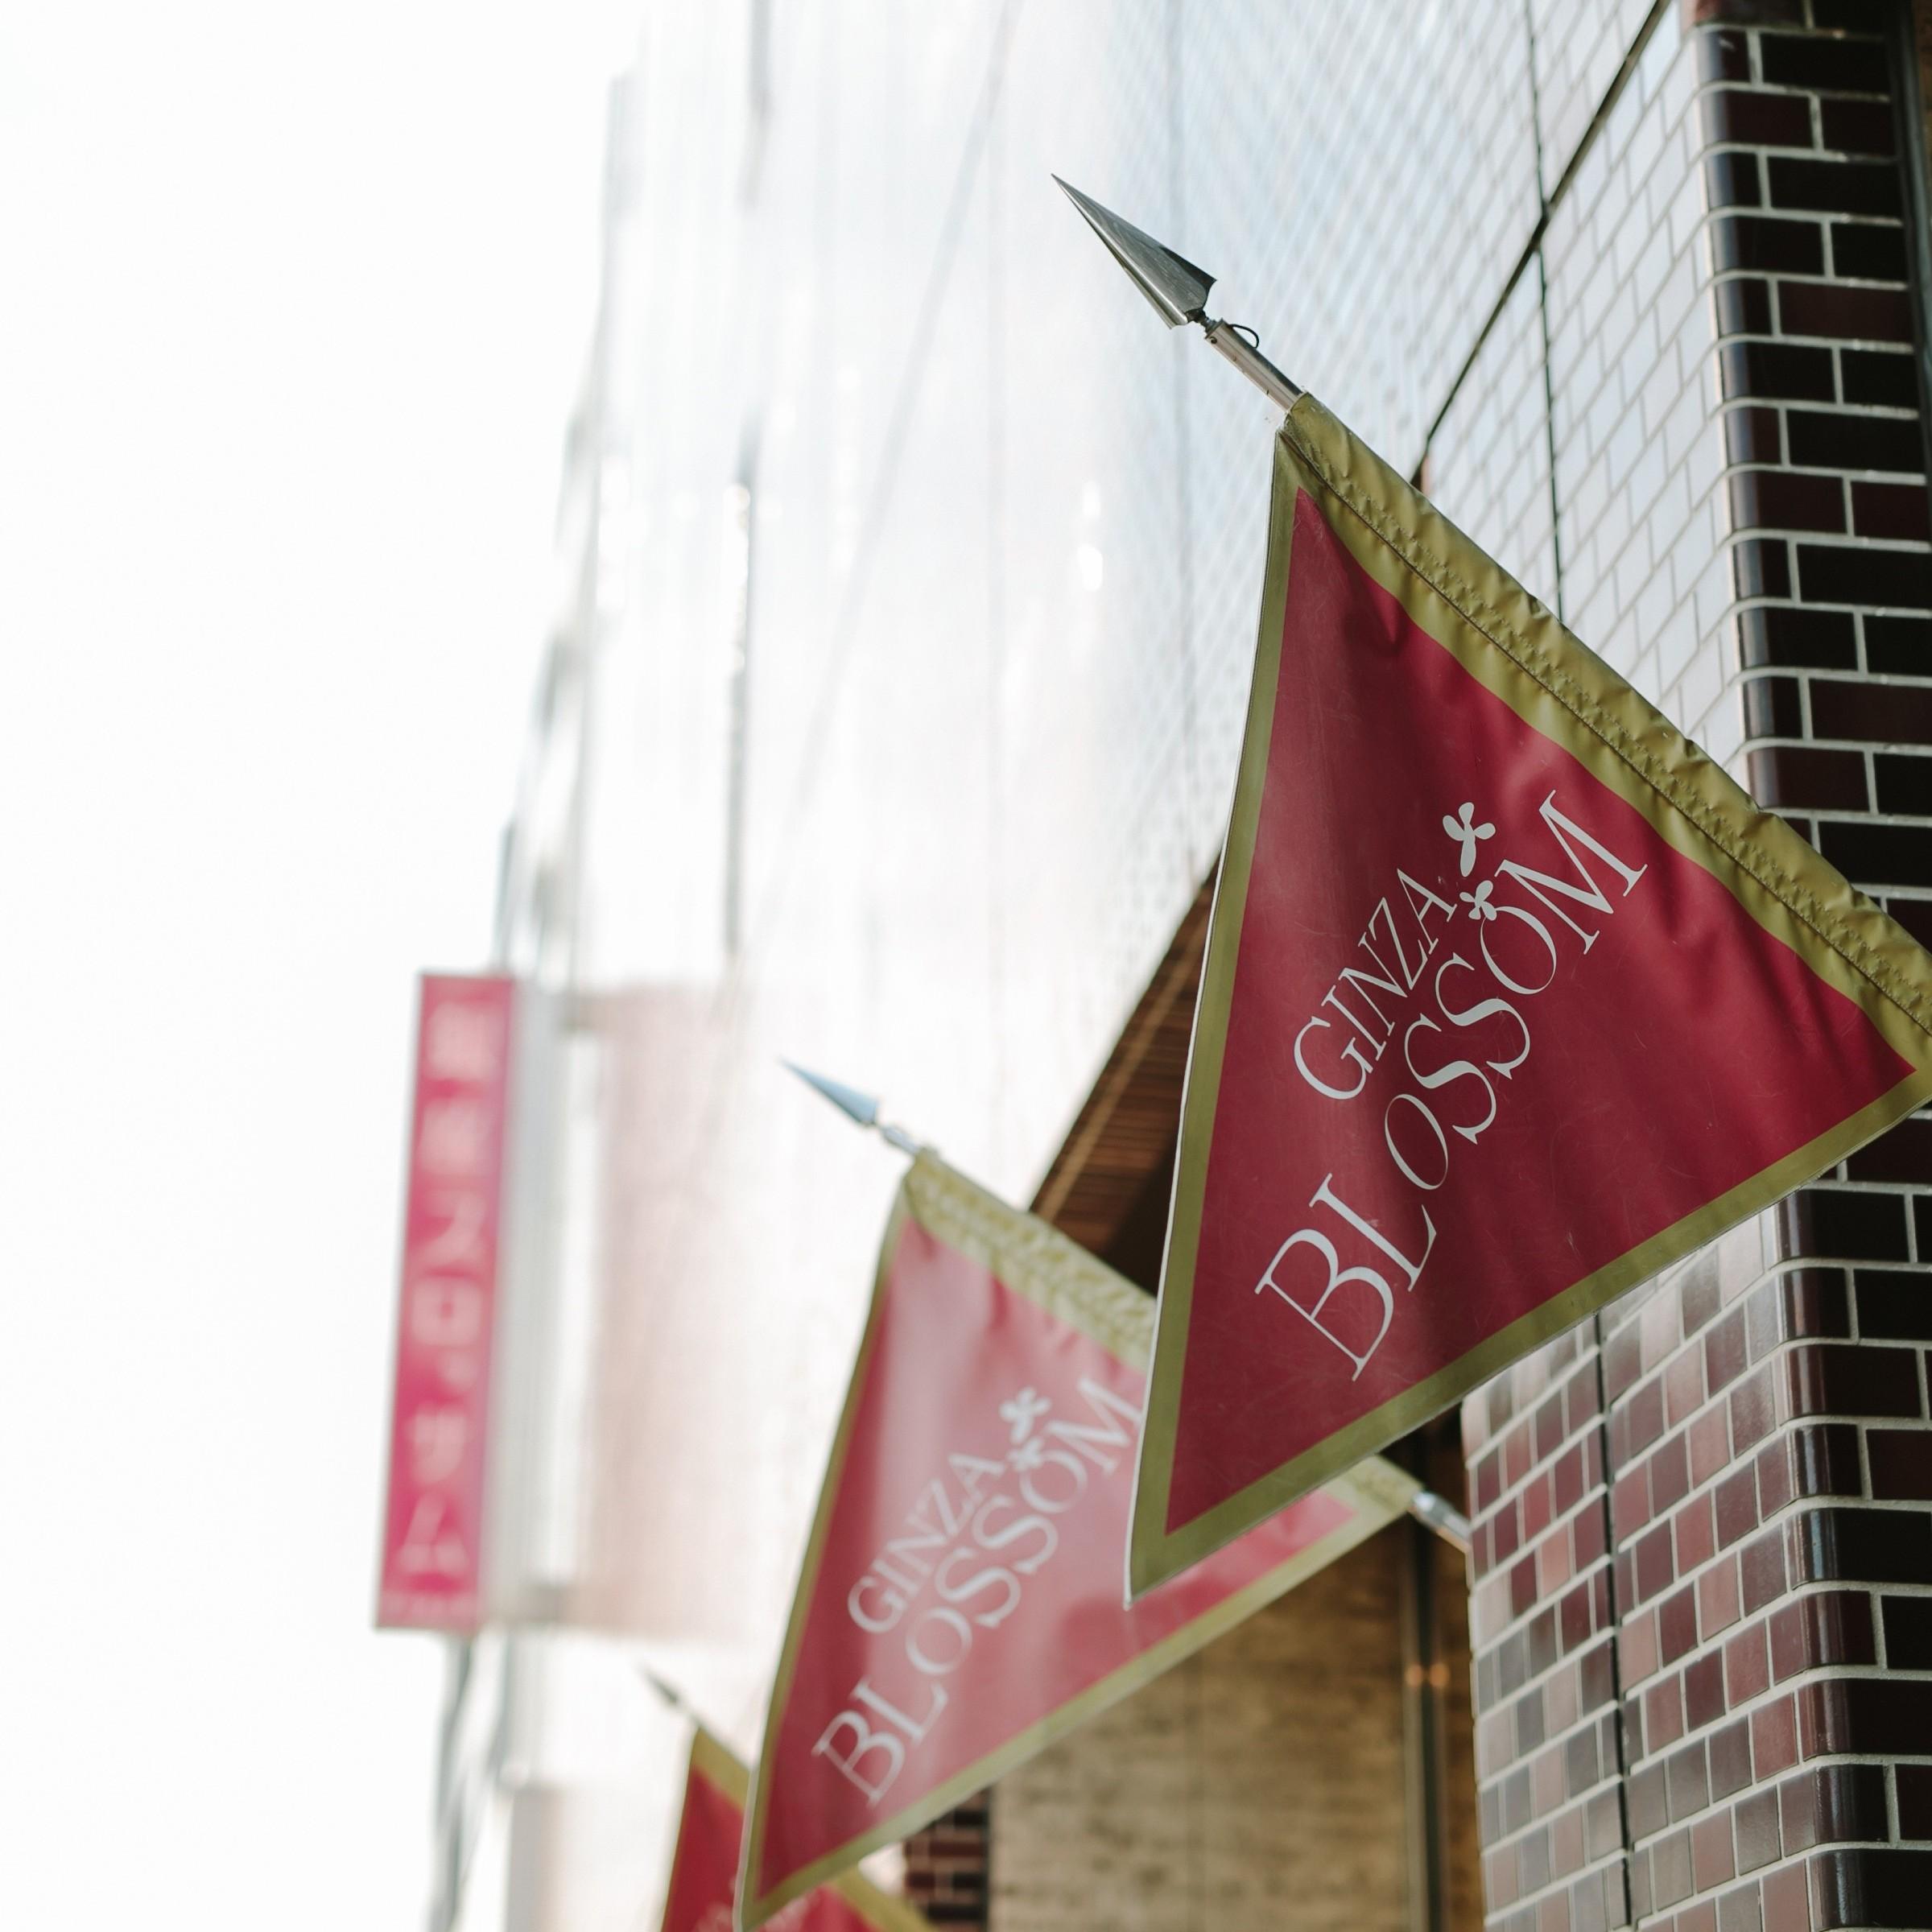 銀座ブロッサム レストラン営業再開のお知らせ